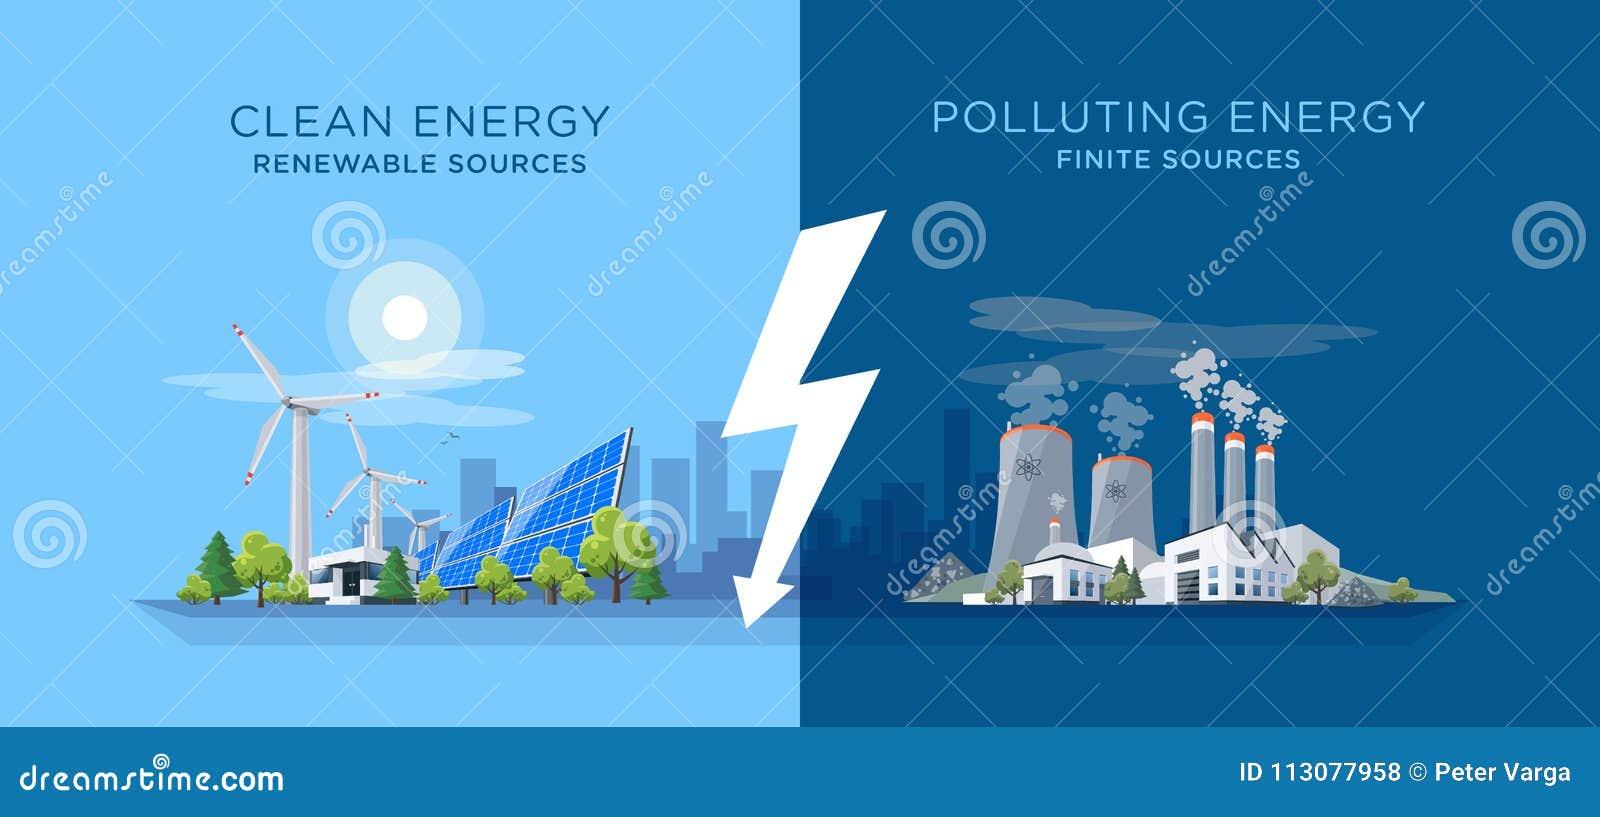 Jämföra fullständigt och förorena energikraftverk